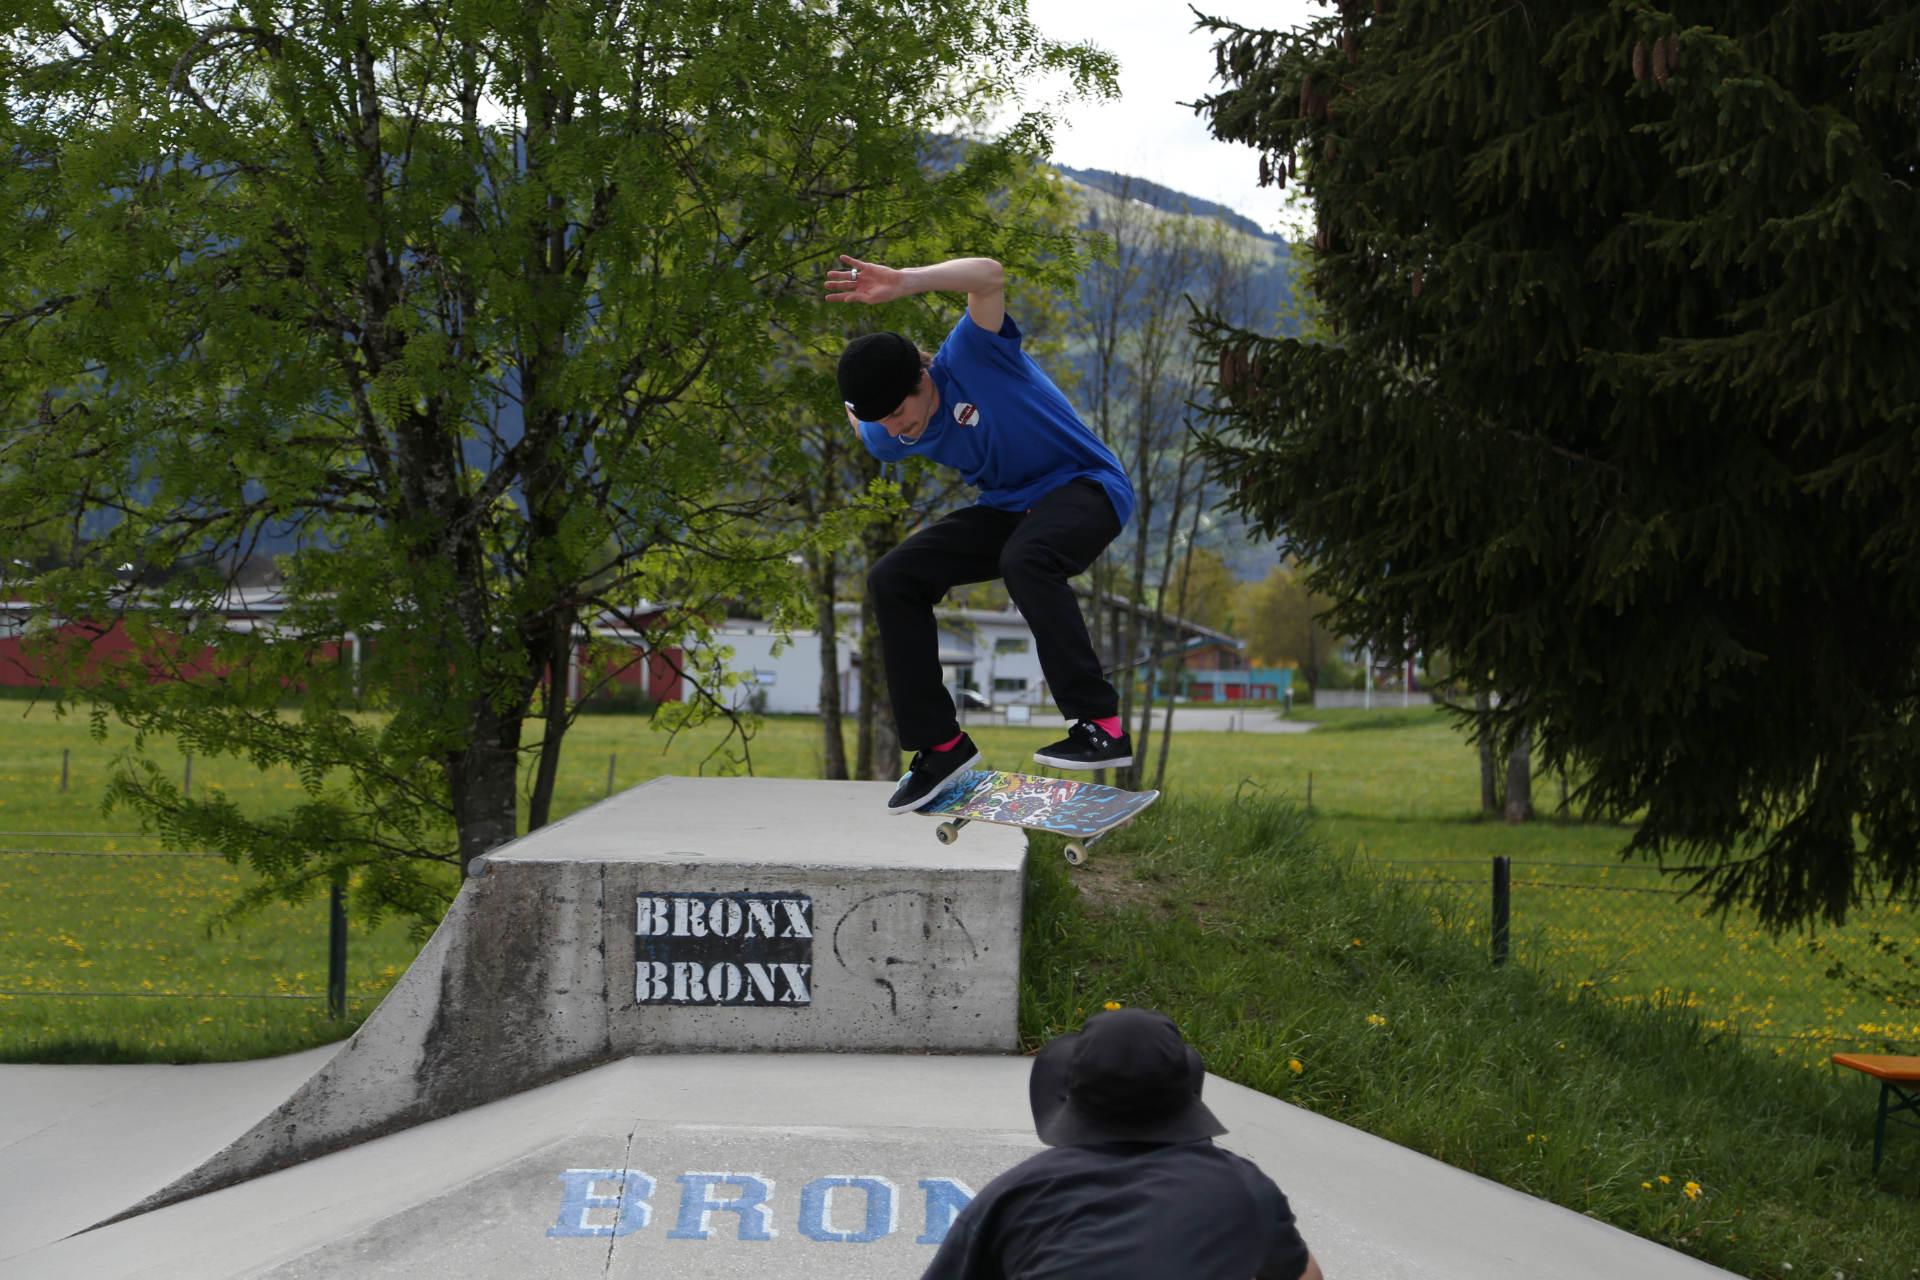 skateboard headz fieberbrunn kgt kitz gau trophy 2019 saalfelden hell00111